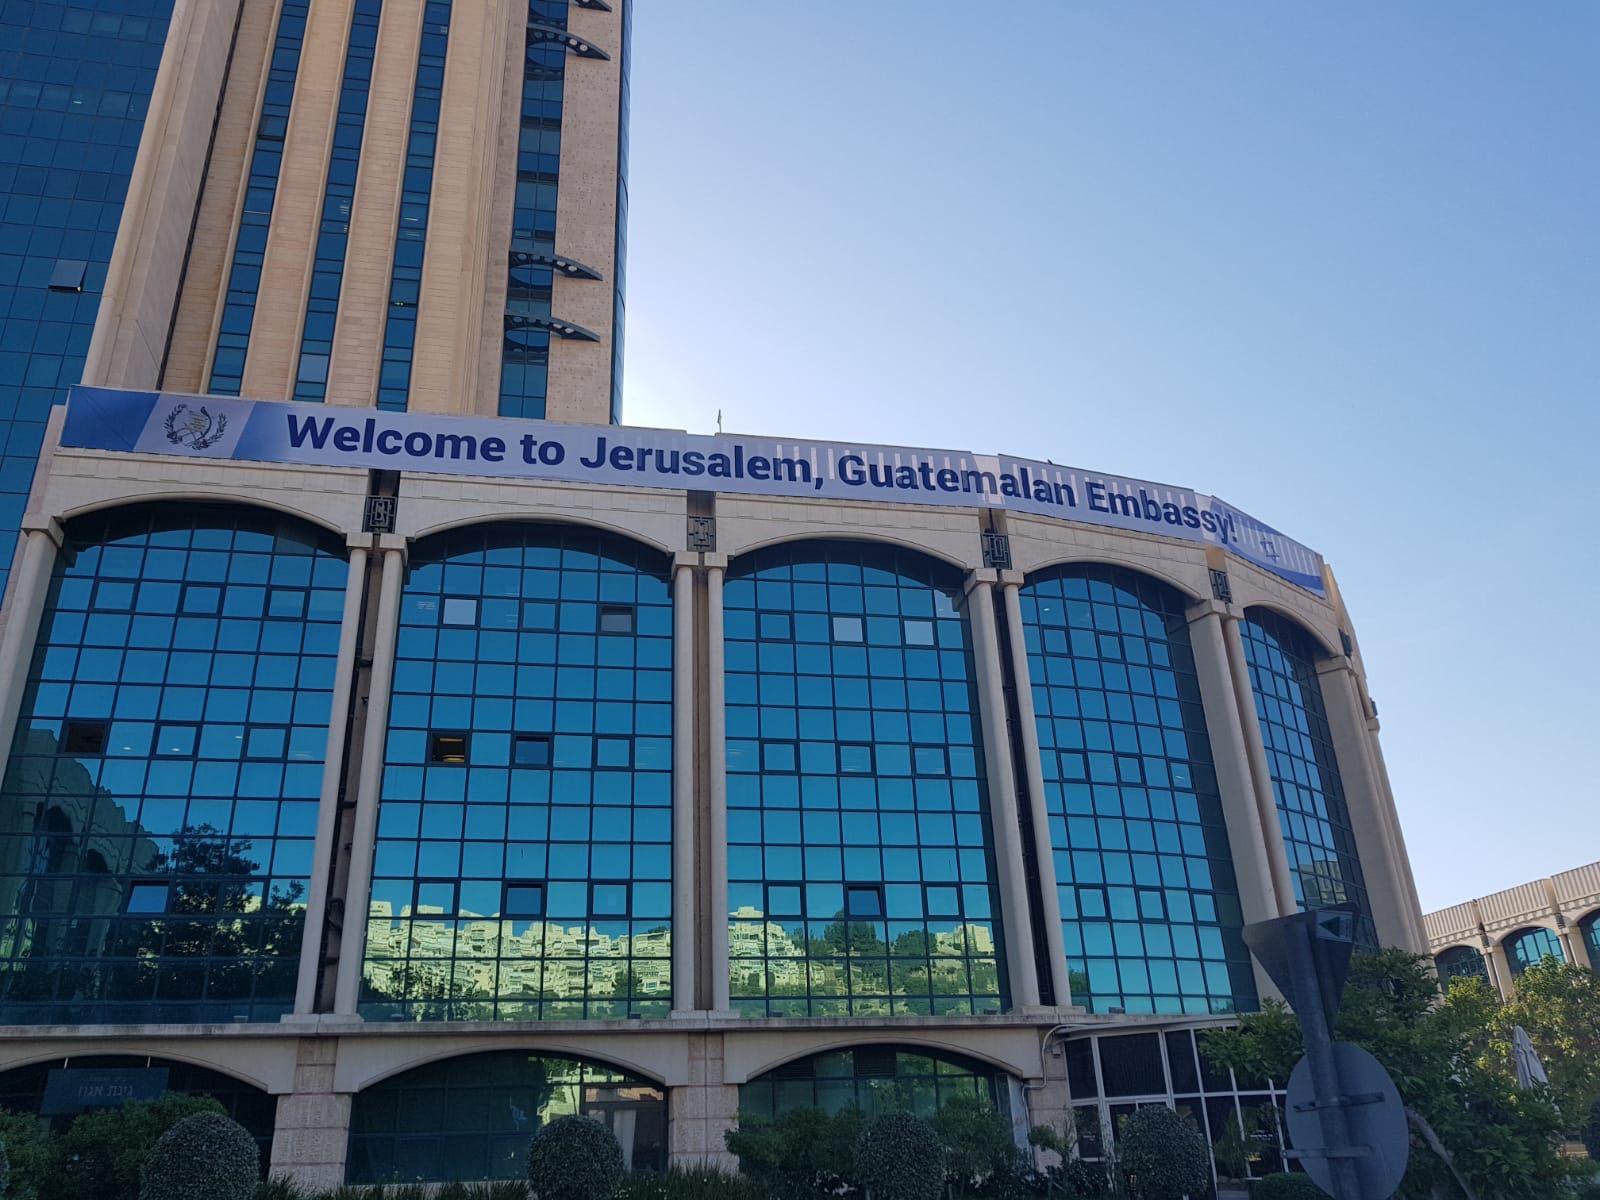 בניין שגרירות גואטמלה בירושלים